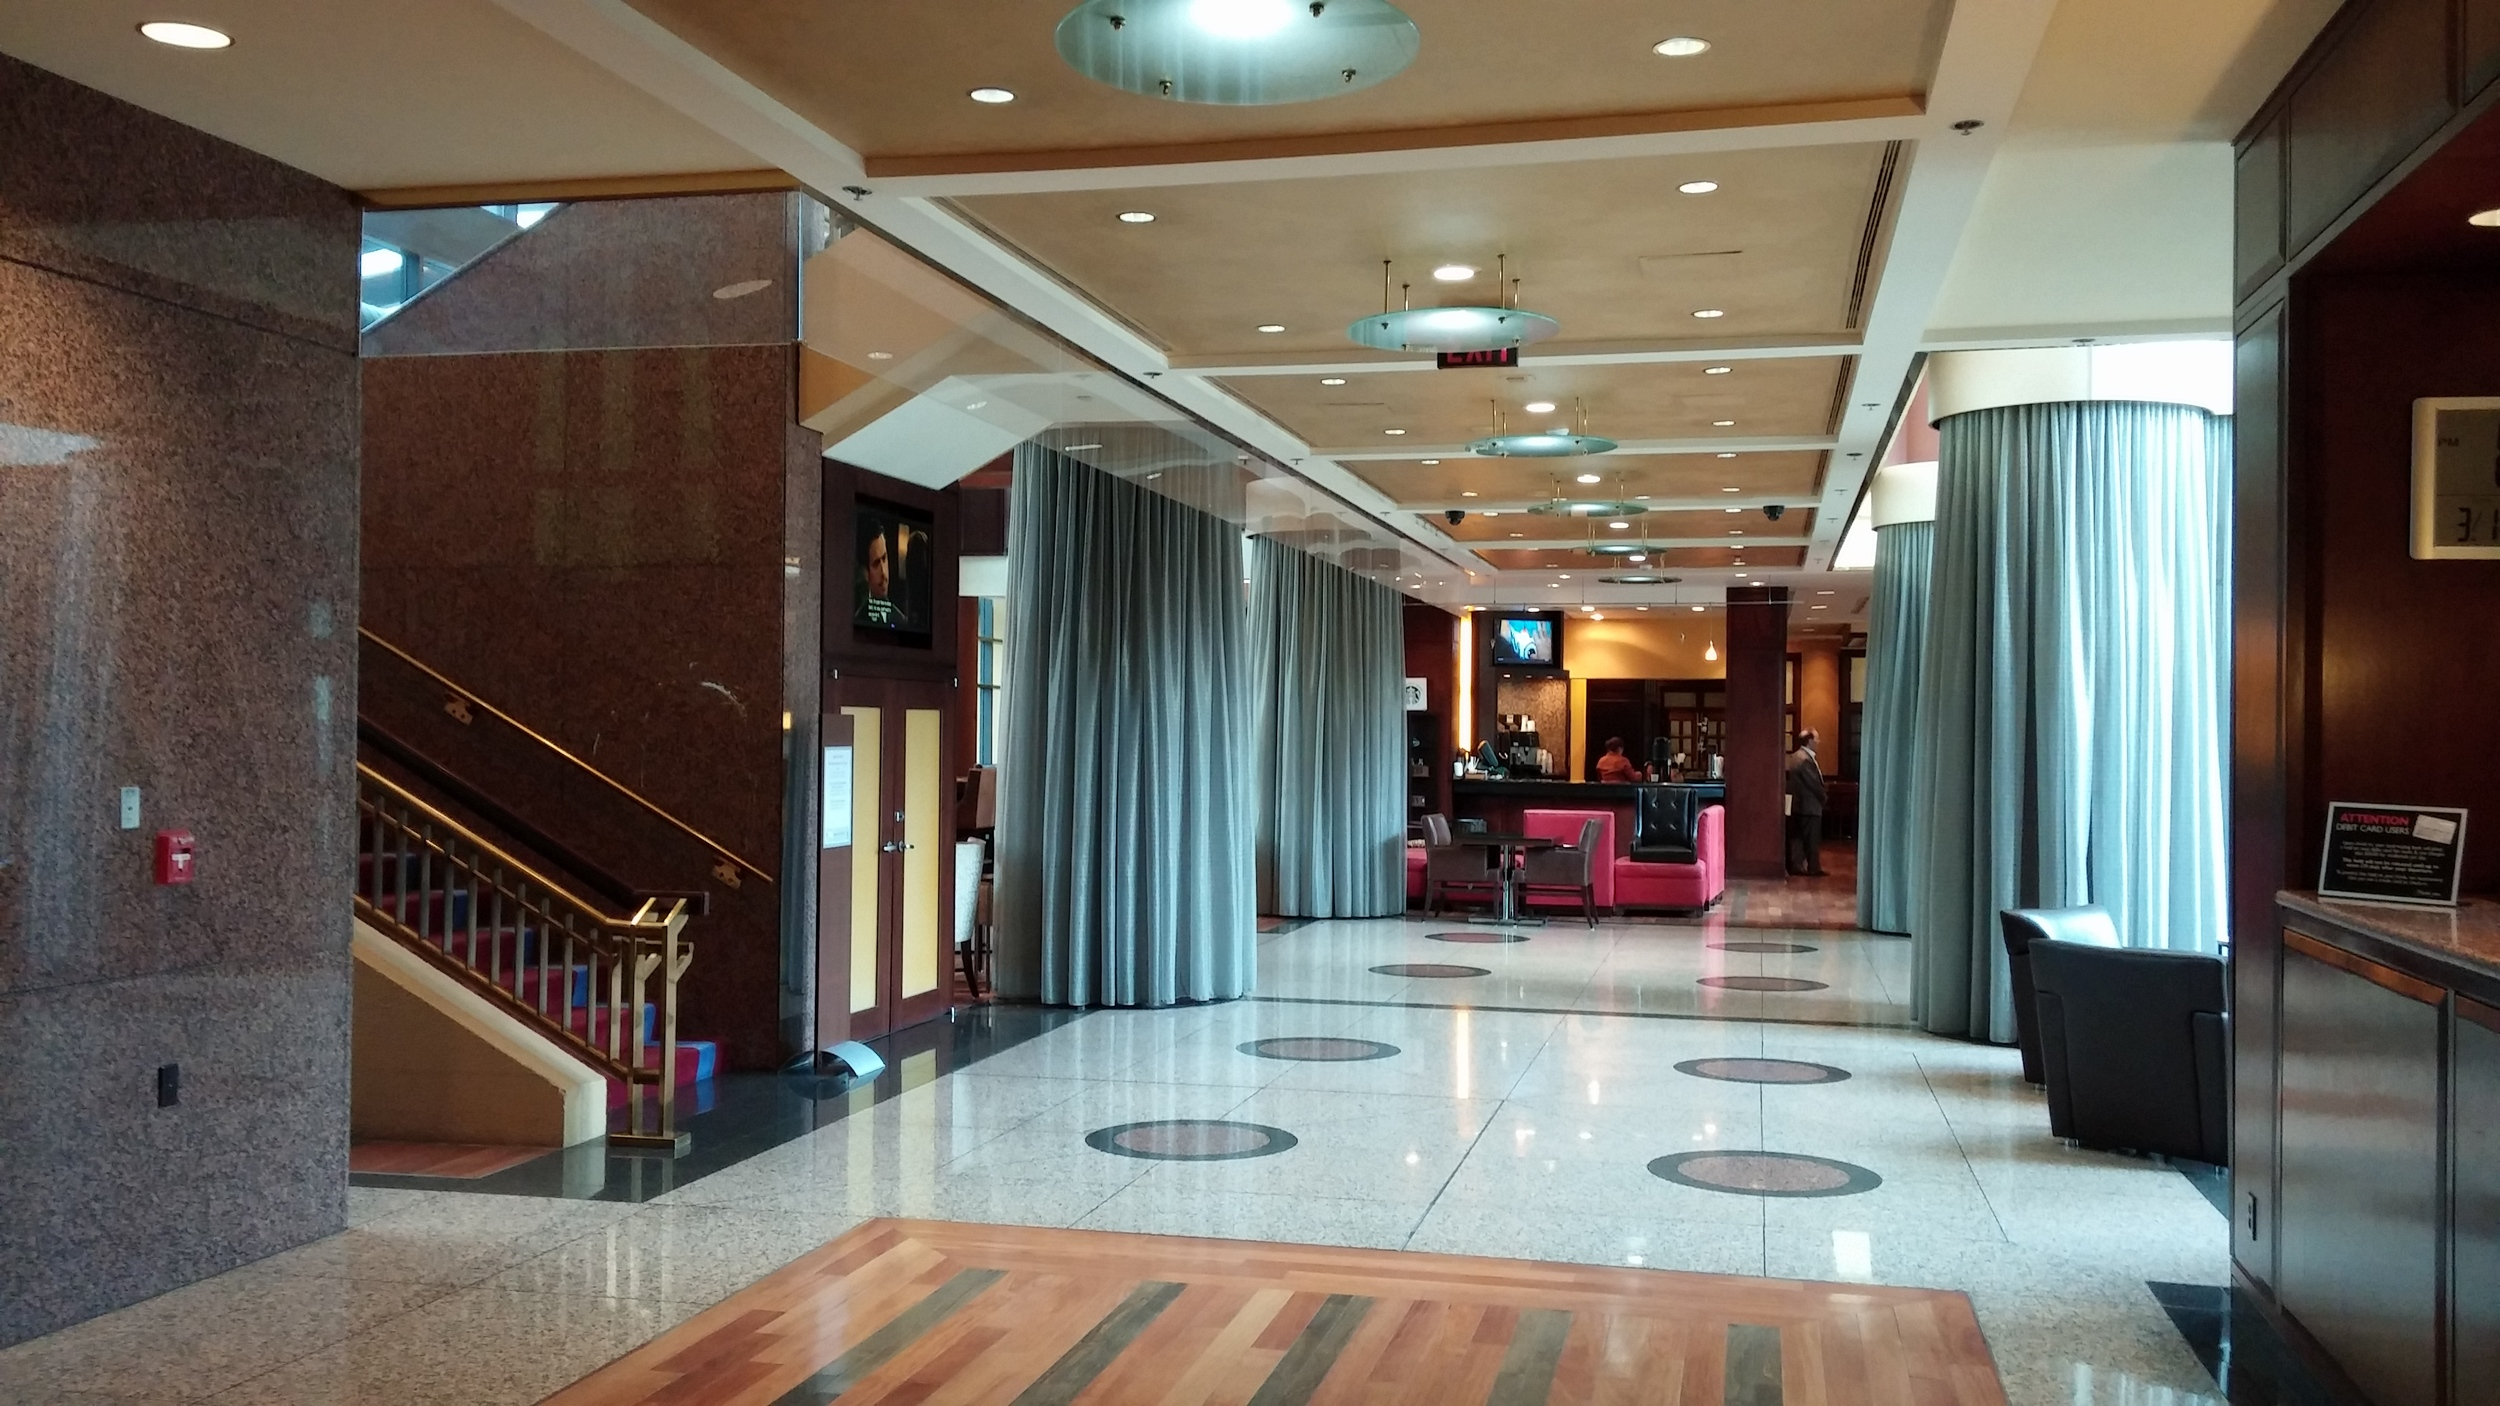 2016-03-10 Bethesda Marriott Suites  11.jpg